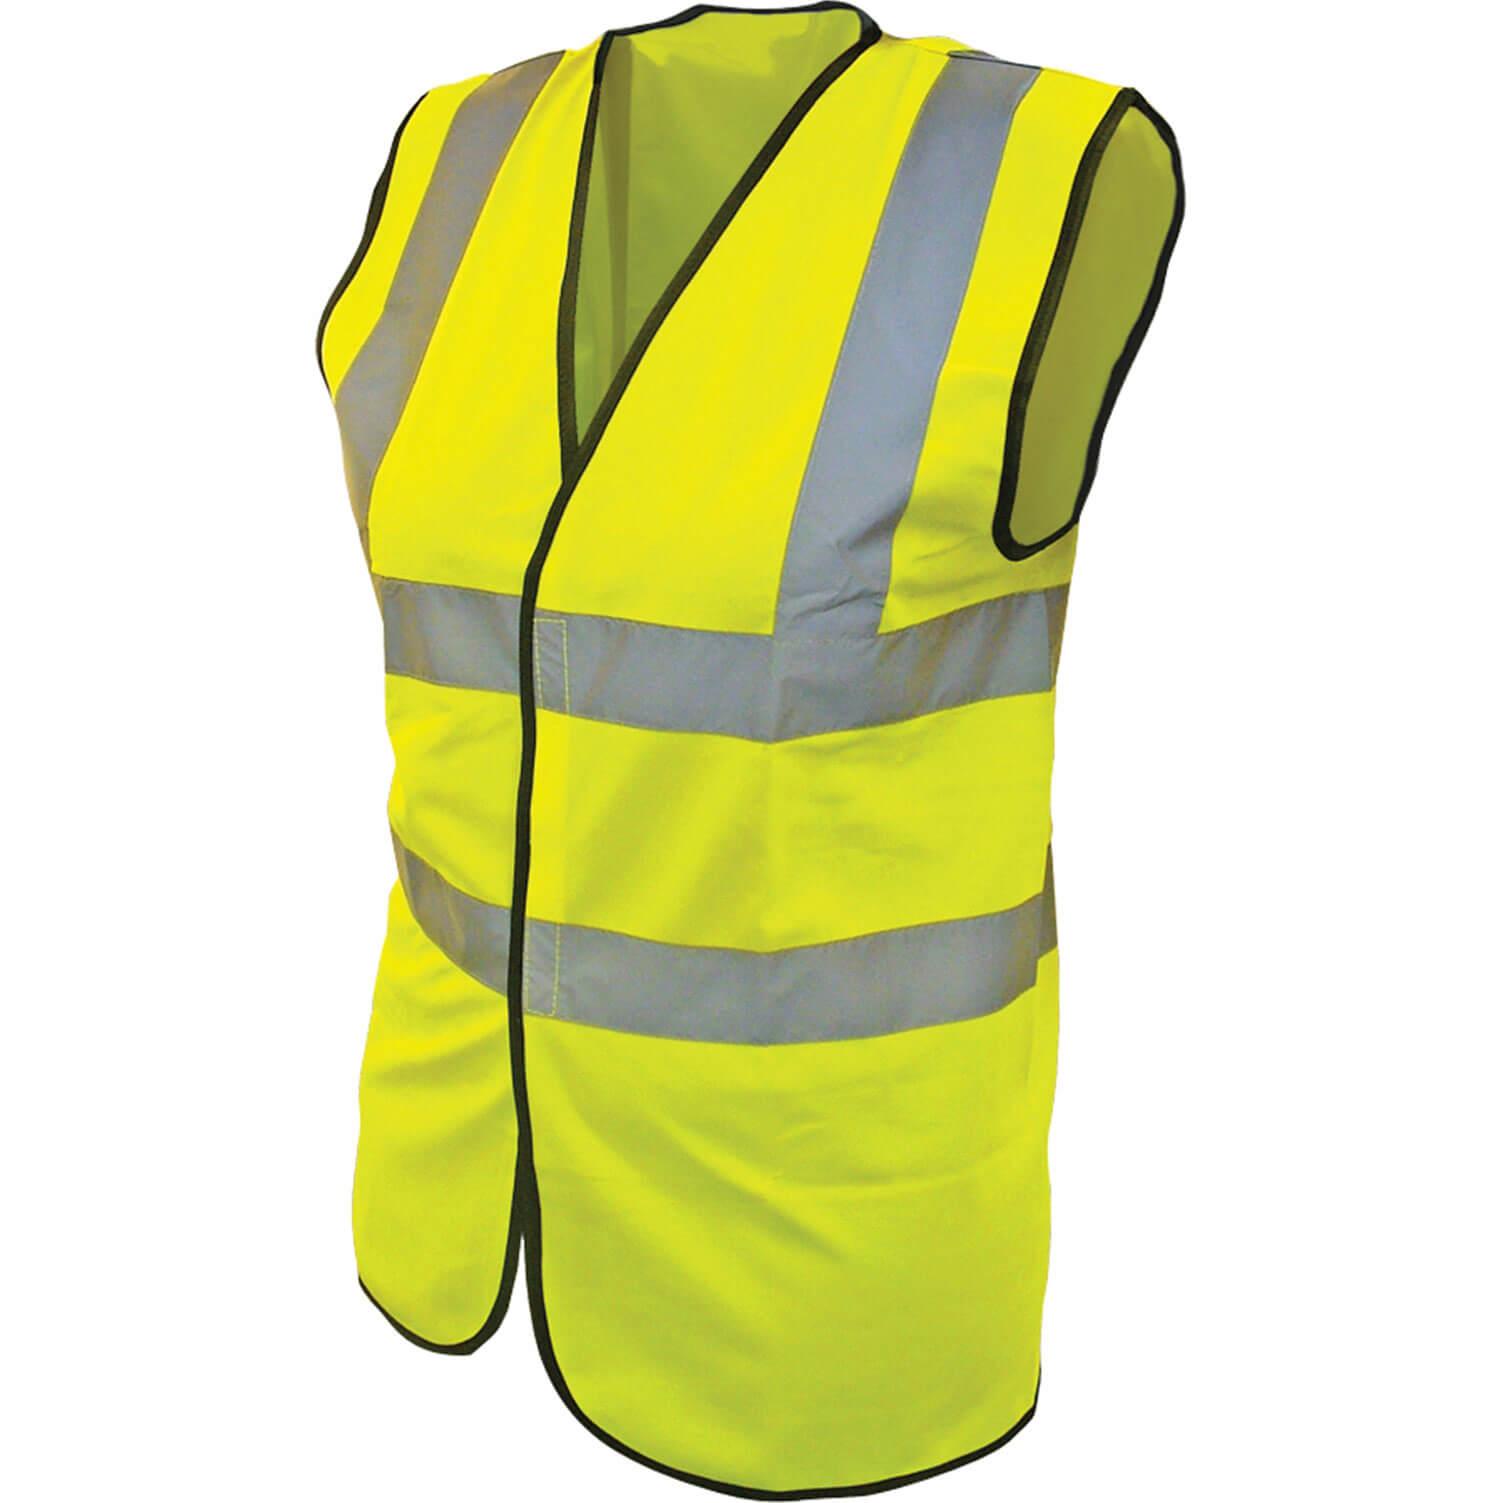 Scan Childrens High Vis Waistcoat EN471 Class 2 Yellow 10 - 13